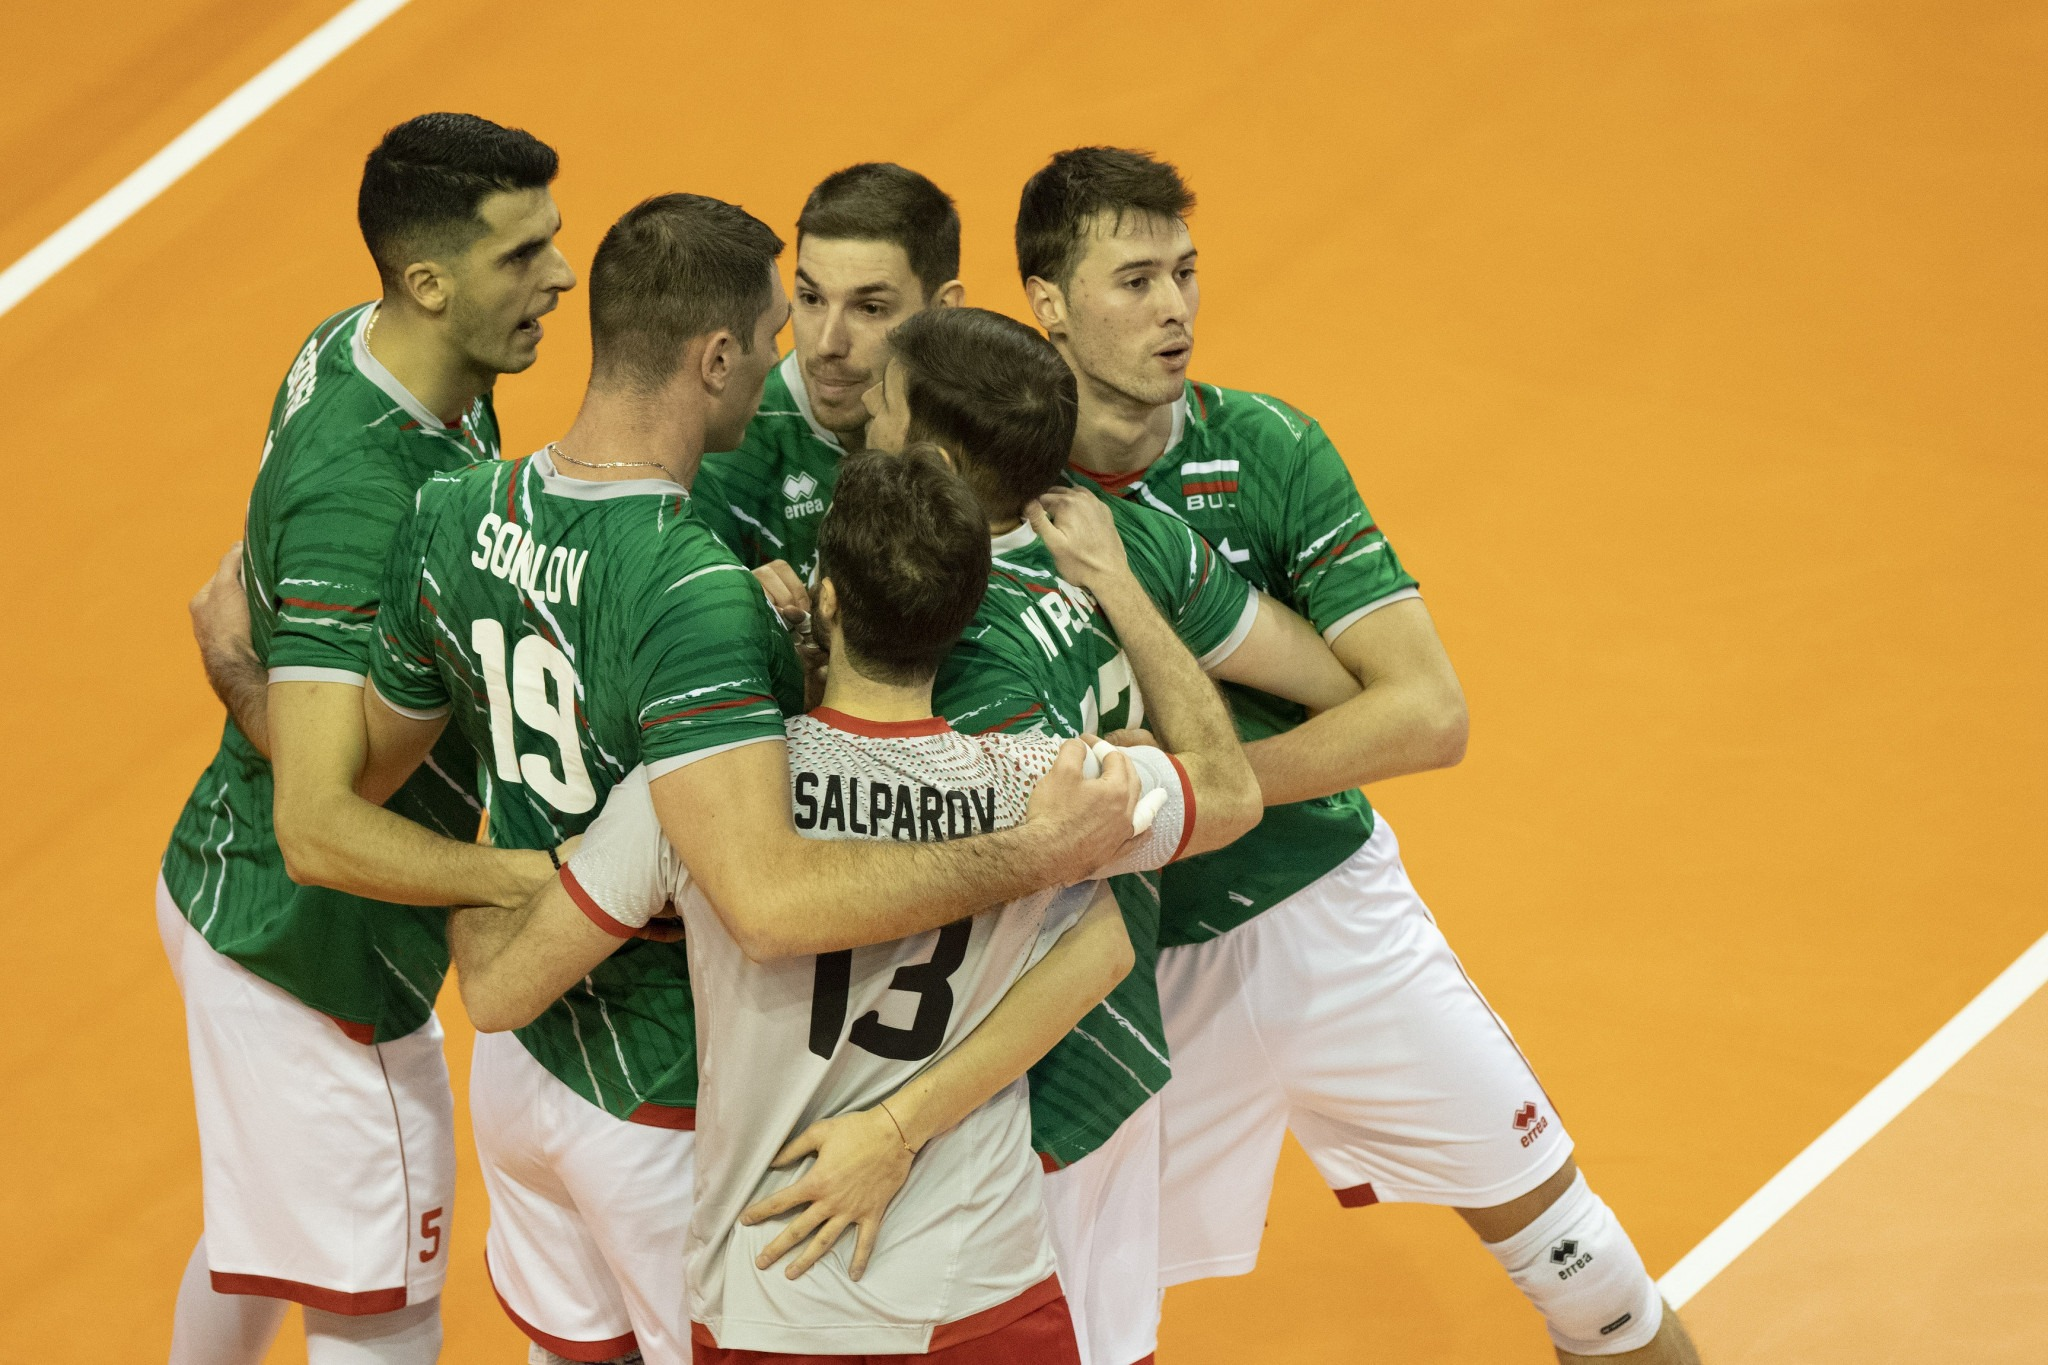 България постави на колене и Сърбия - предстои 1/2-финал по пътя към Токио 2020 1